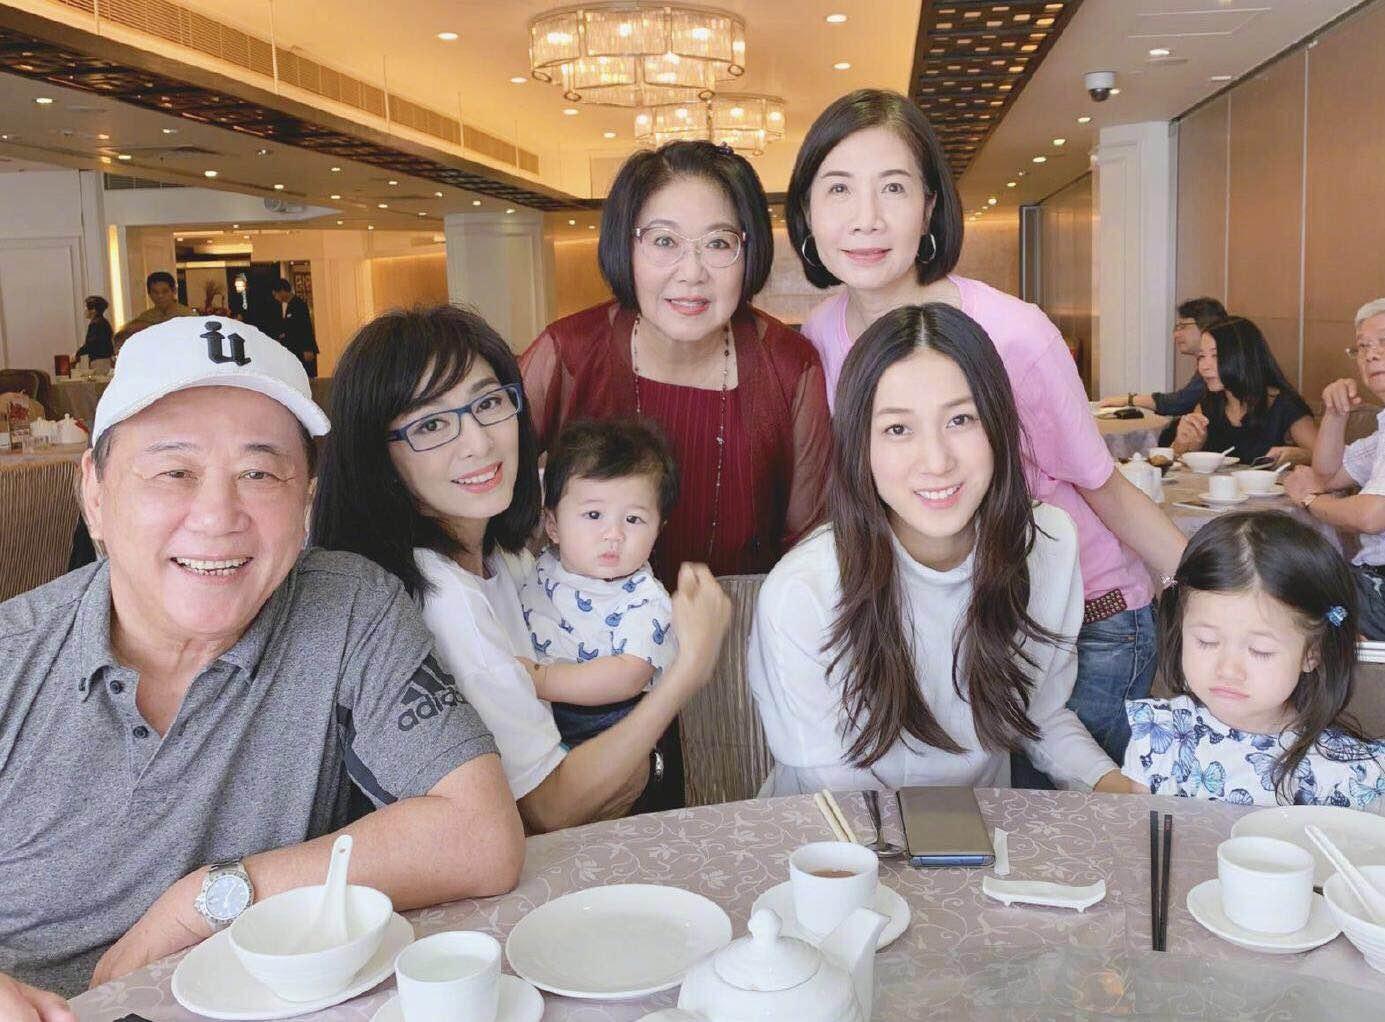 35岁钟嘉欣同框64岁米雪,白裙配卷发甜美少女,哪像2个孩子的妈